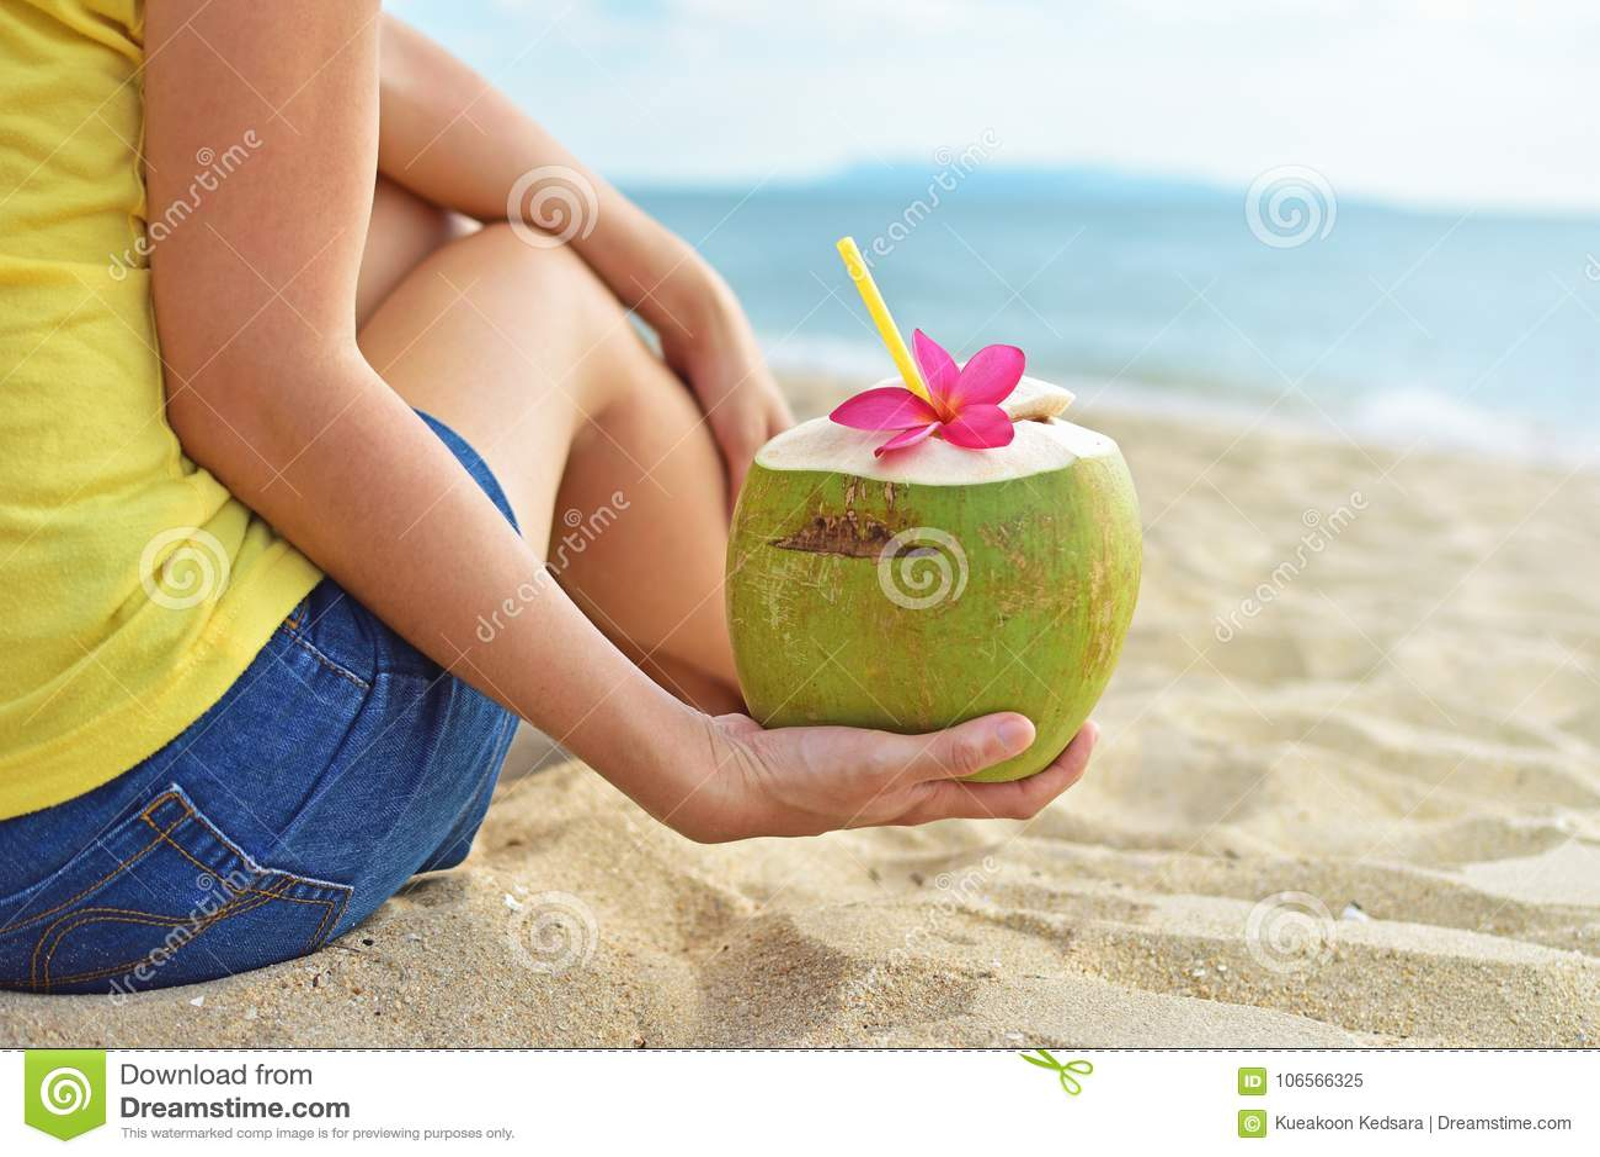 Młoda kobieta pije świeżą koks wodę